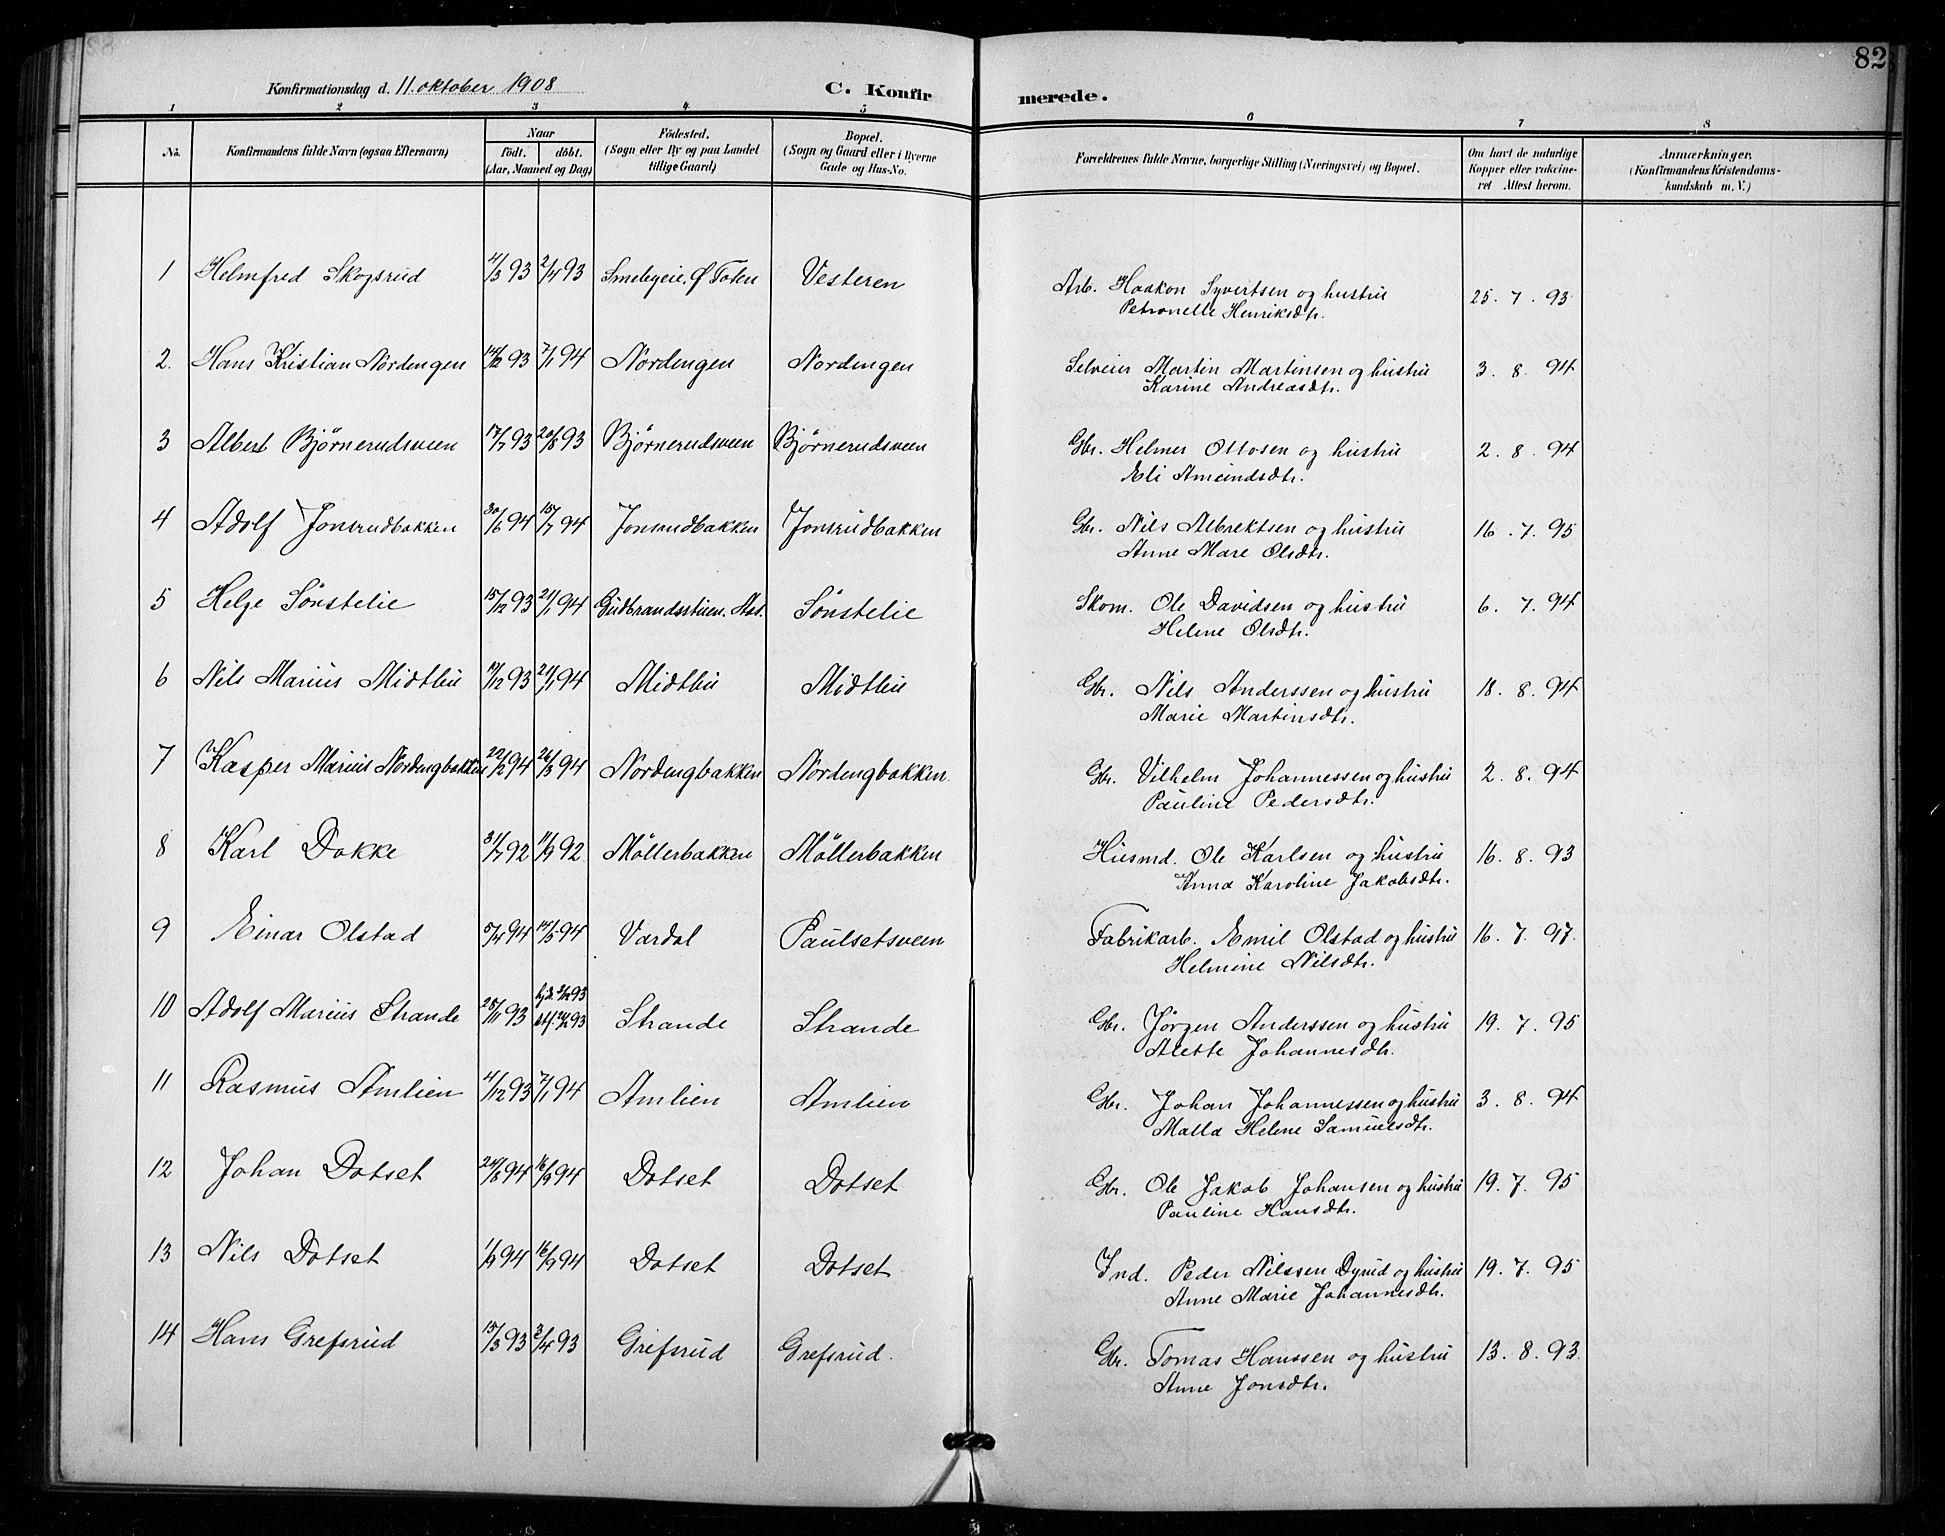 SAH, Vestre Toten prestekontor, H/Ha/Hab/L0016: Klokkerbok nr. 16, 1901-1915, s. 82